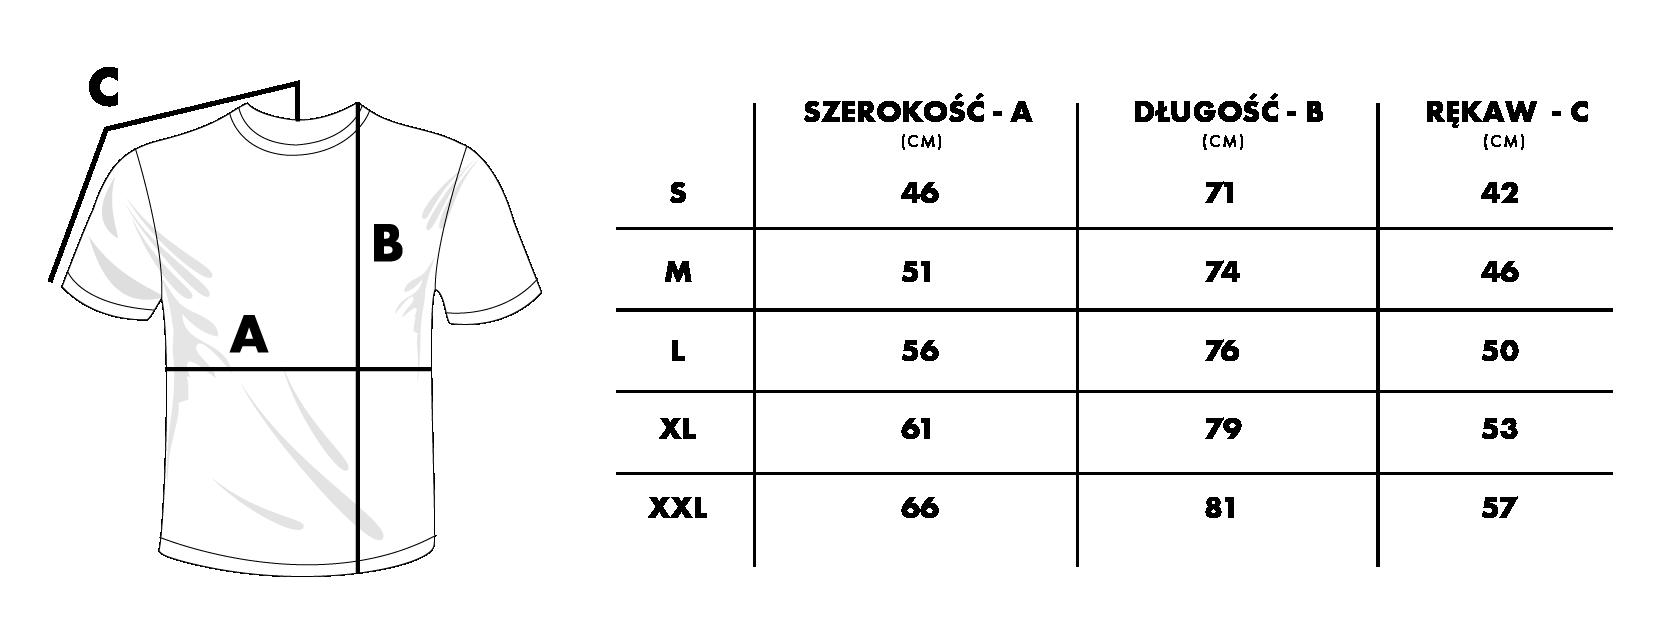 rozmiarowka-koszulki-premium.png